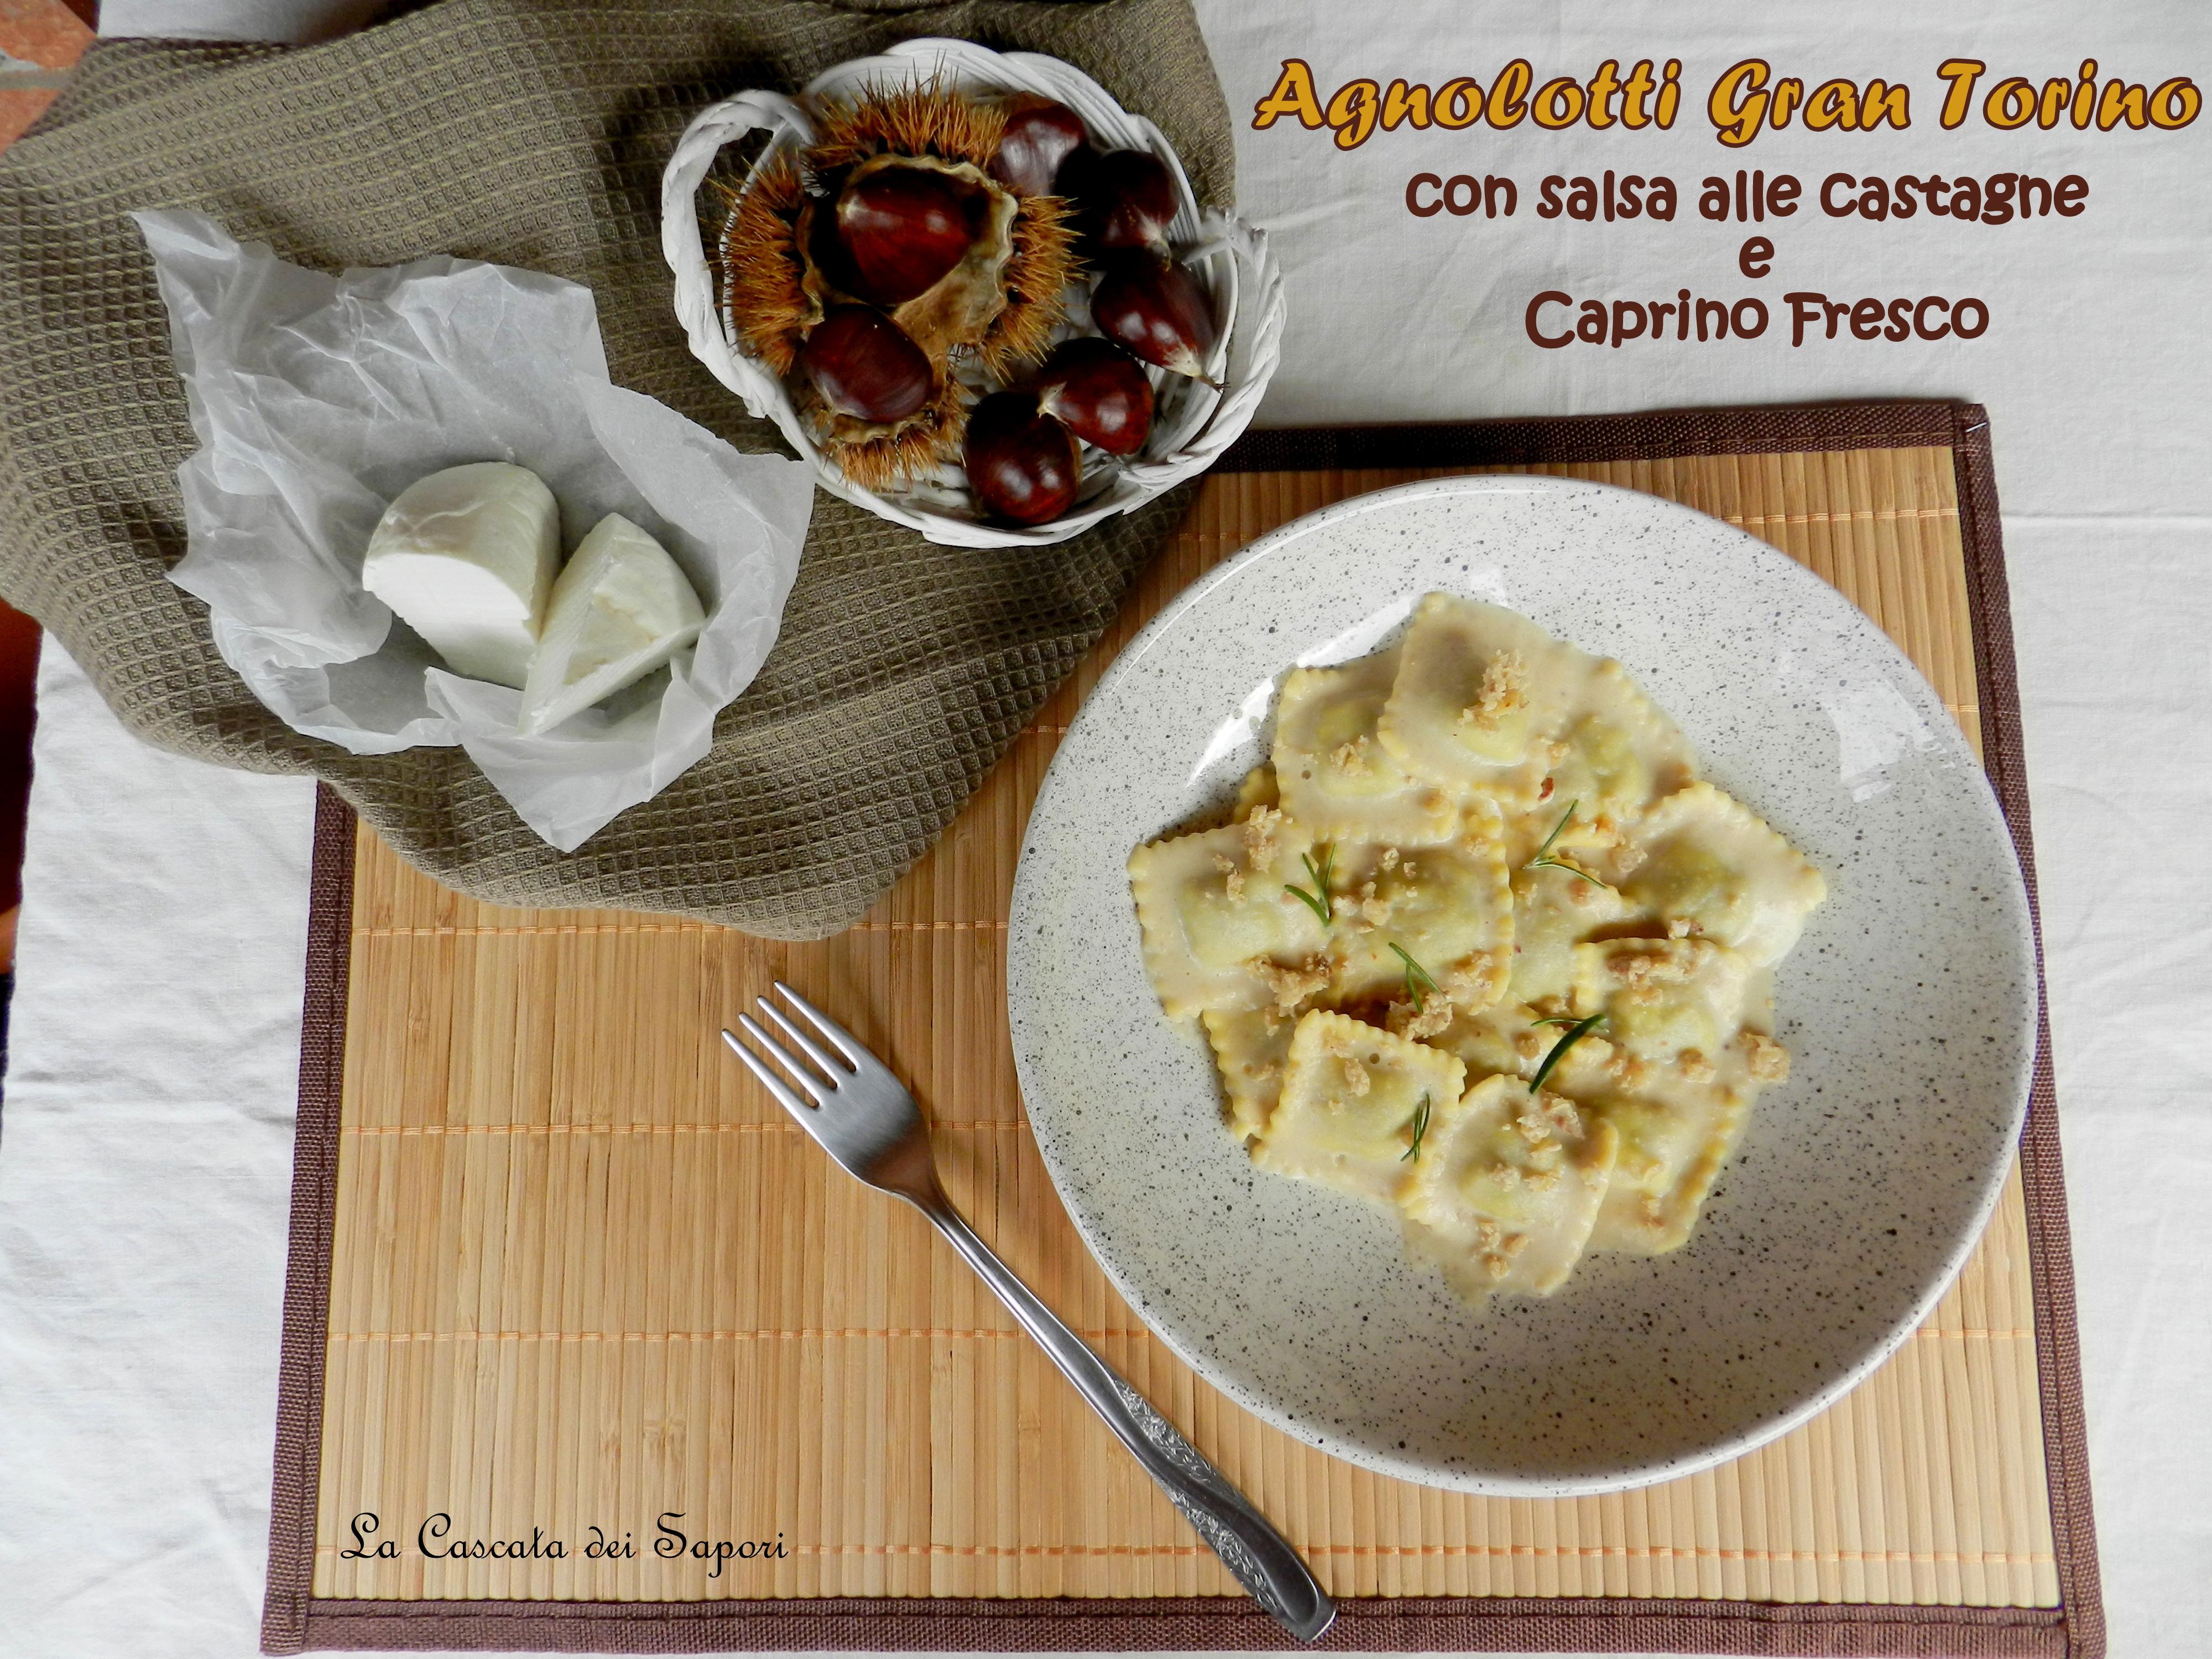 Agnolotti Gran Torino con Salsa alle Castagne e Caprino Fresco